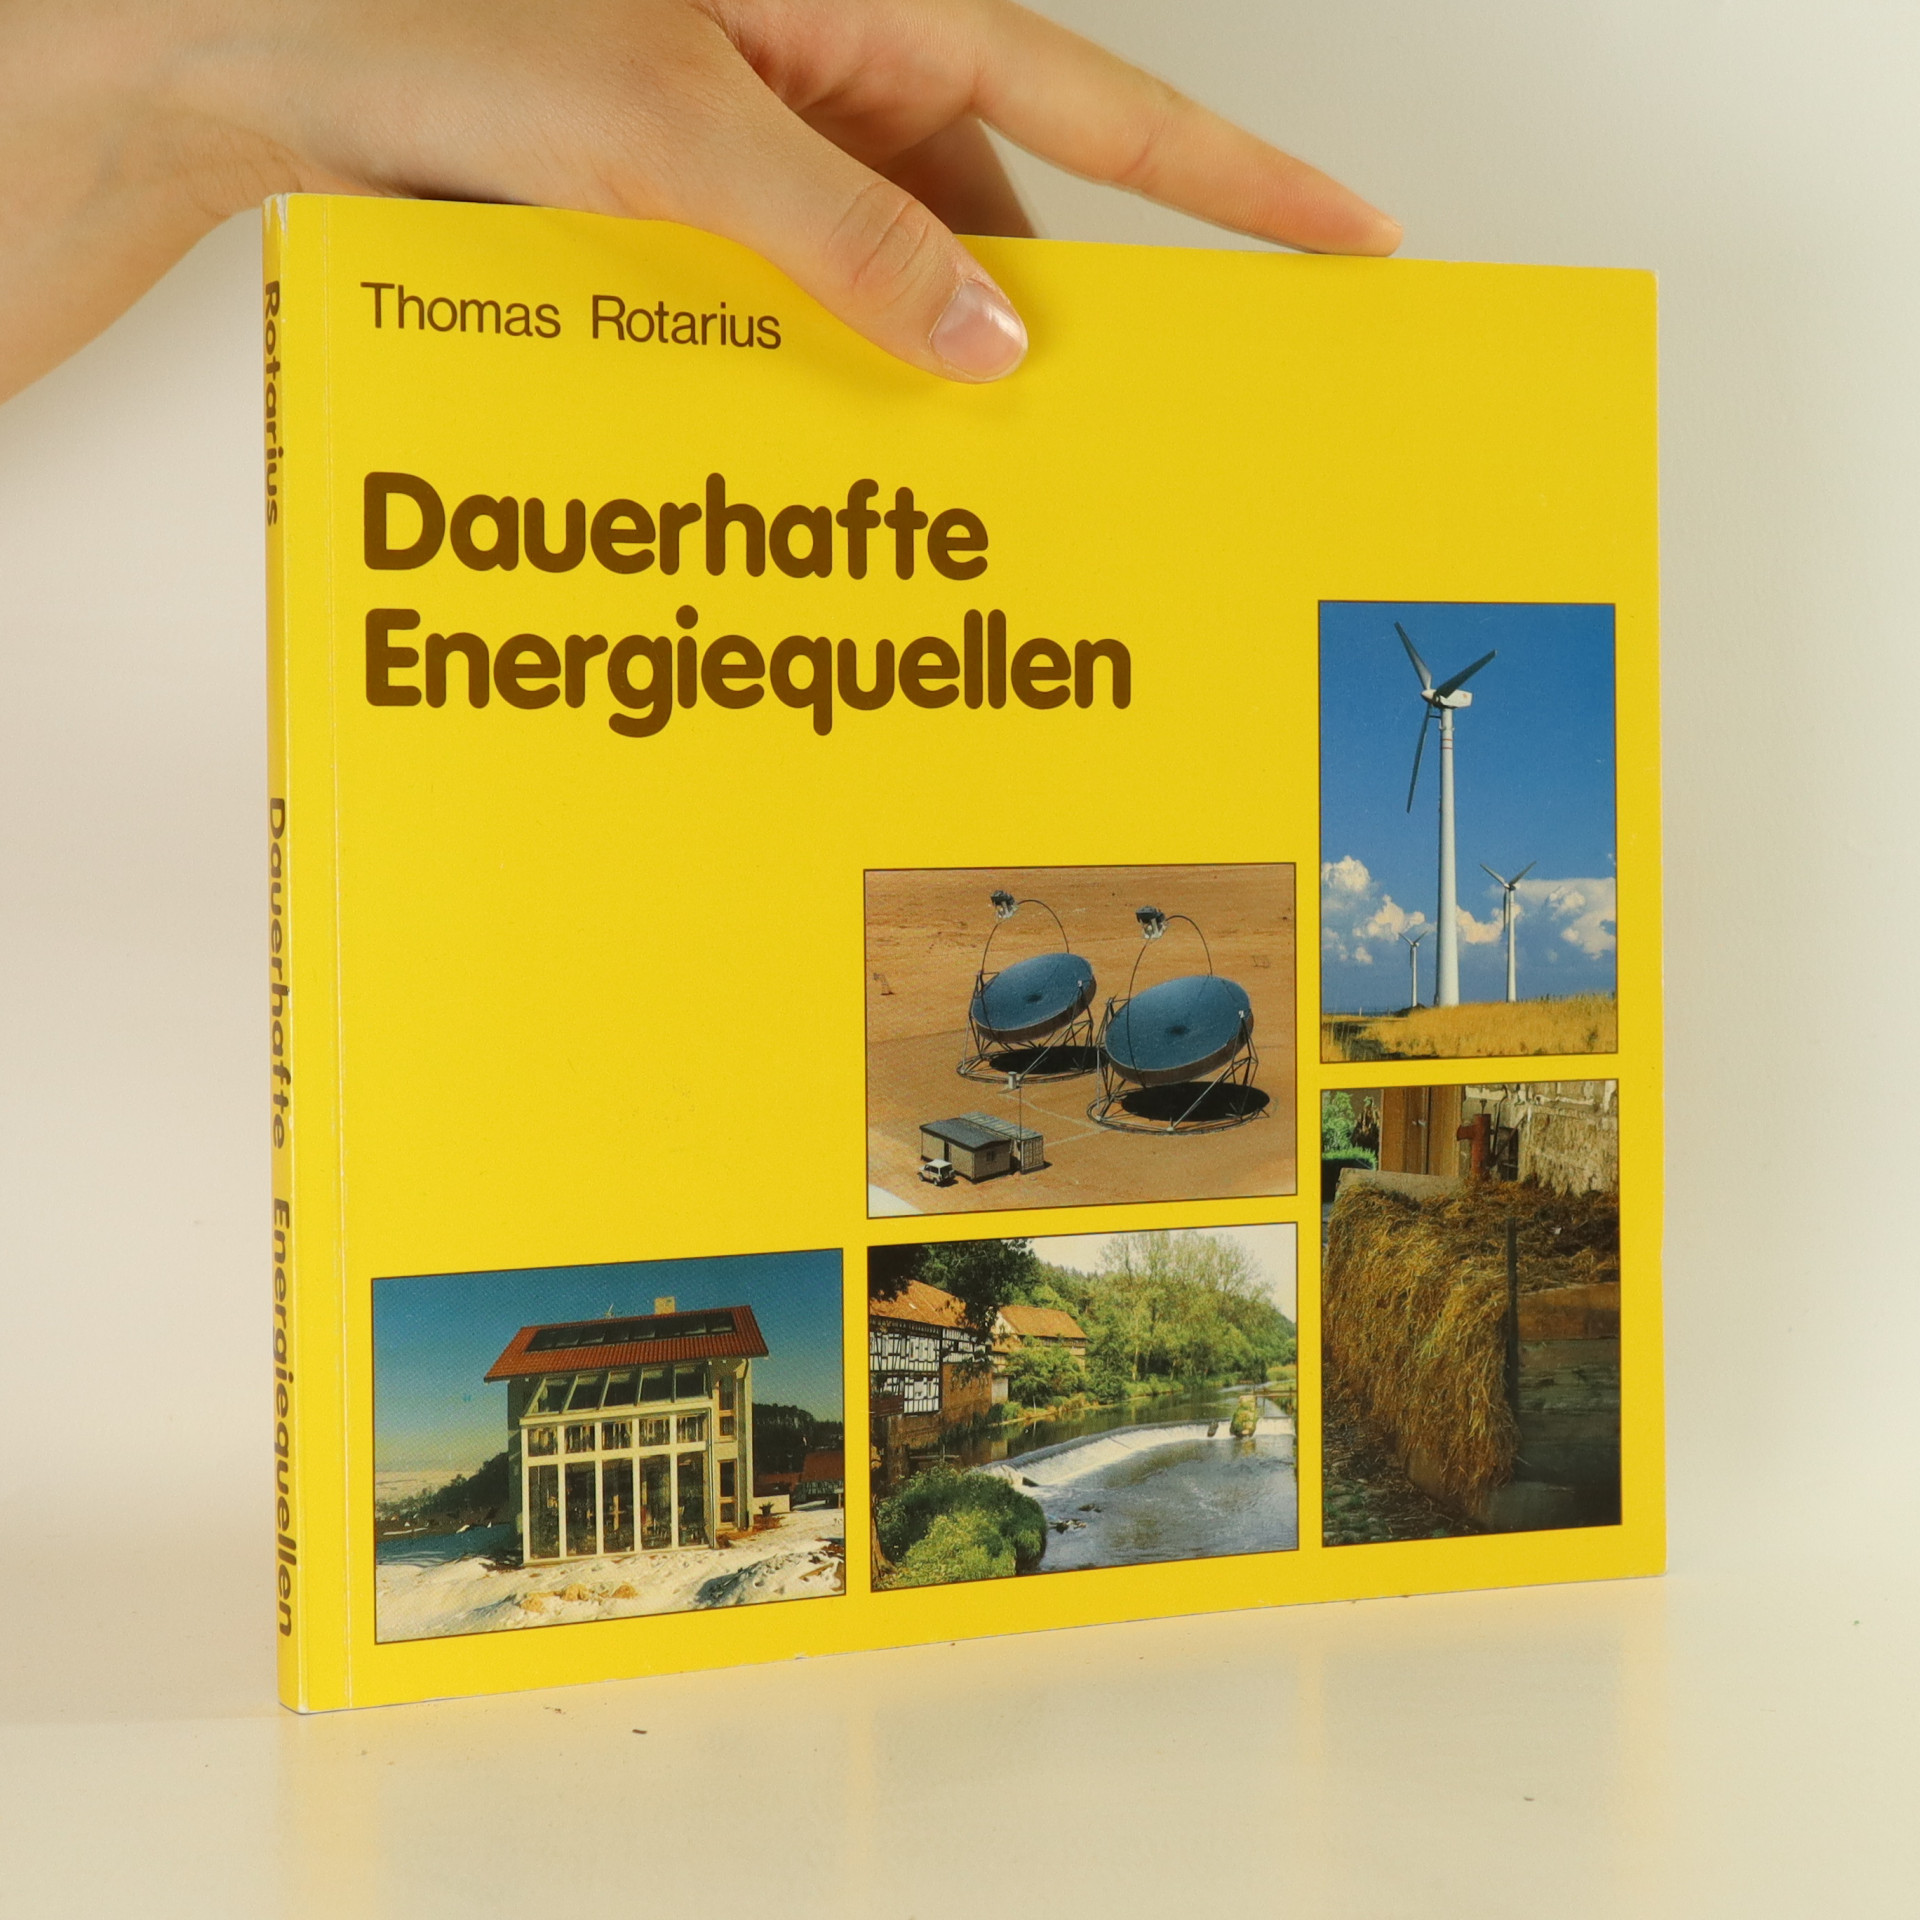 antikvární kniha Dauerhafte Energiequellen, 1988